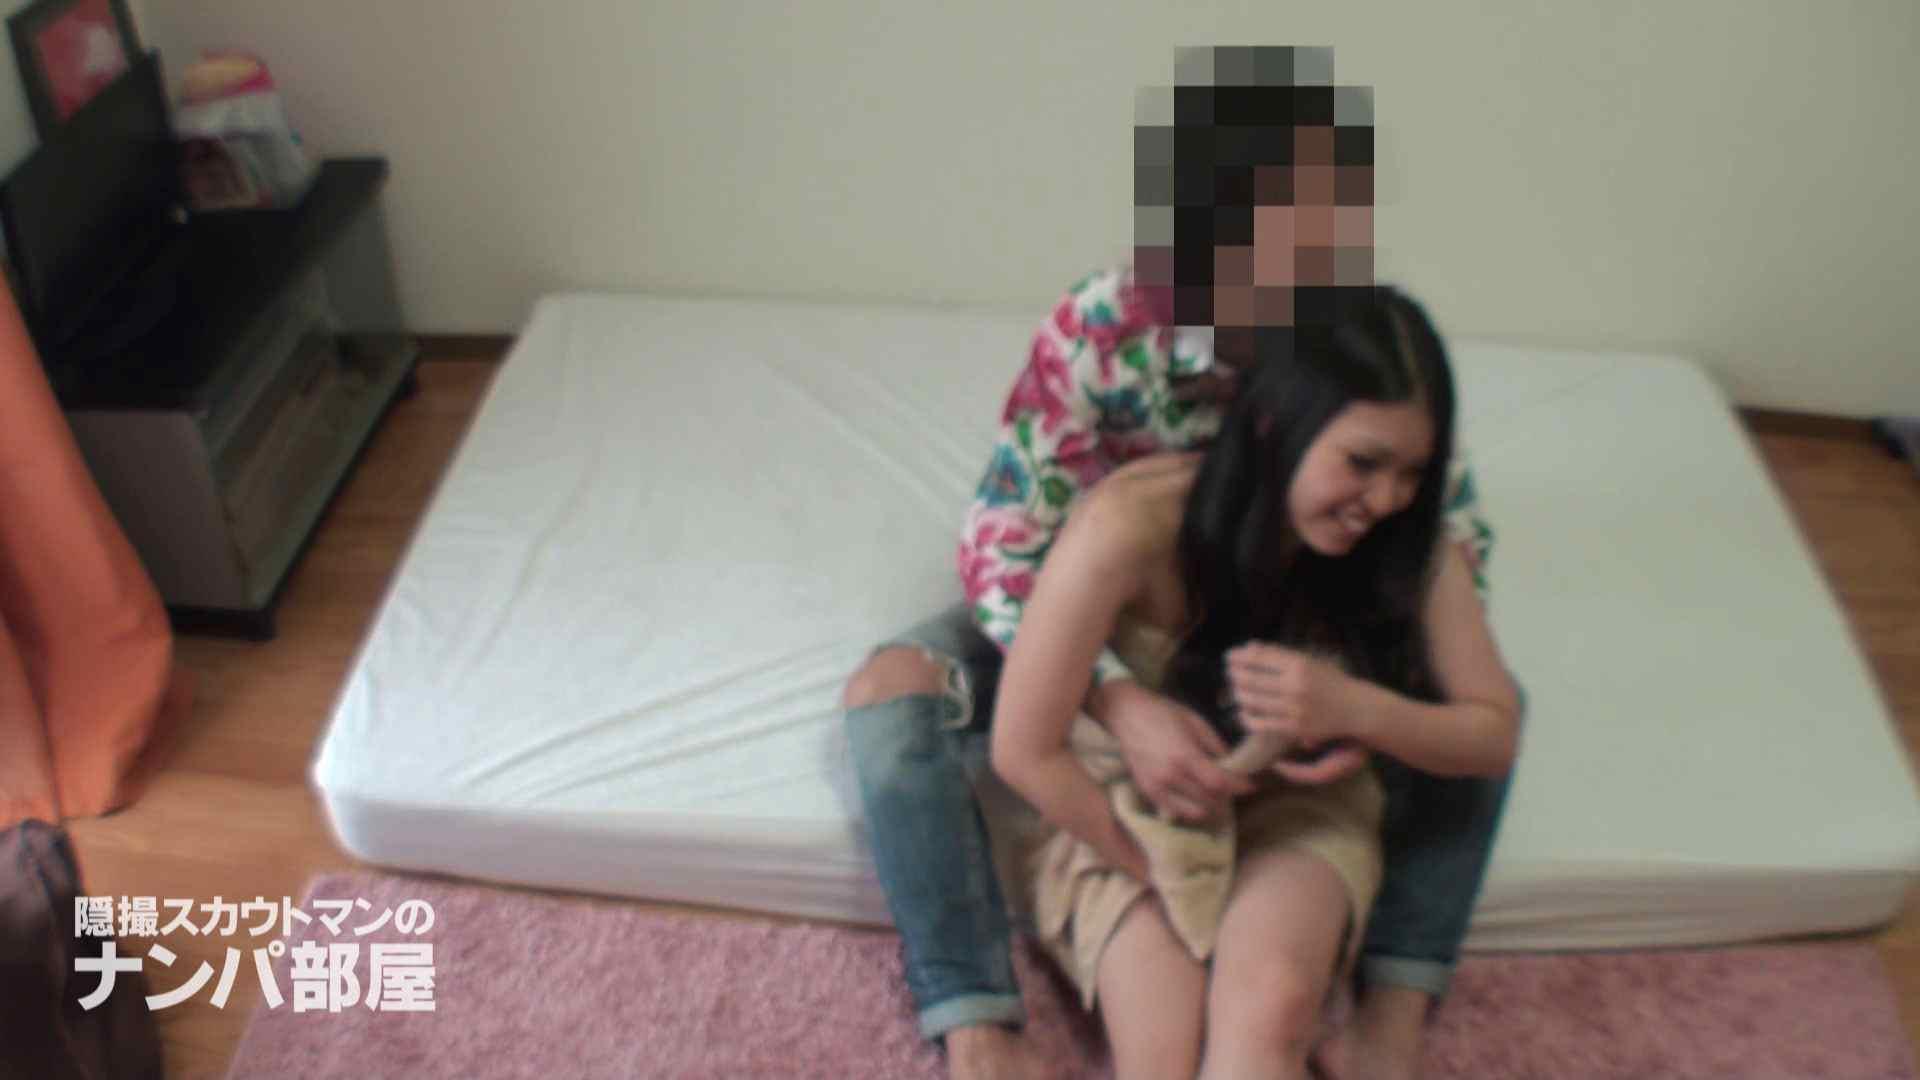 隠撮スカウトマンのナンパ部屋~風俗デビュー前のつまみ食い~hanavol.2 隠撮 | 脱衣所  57画像 41